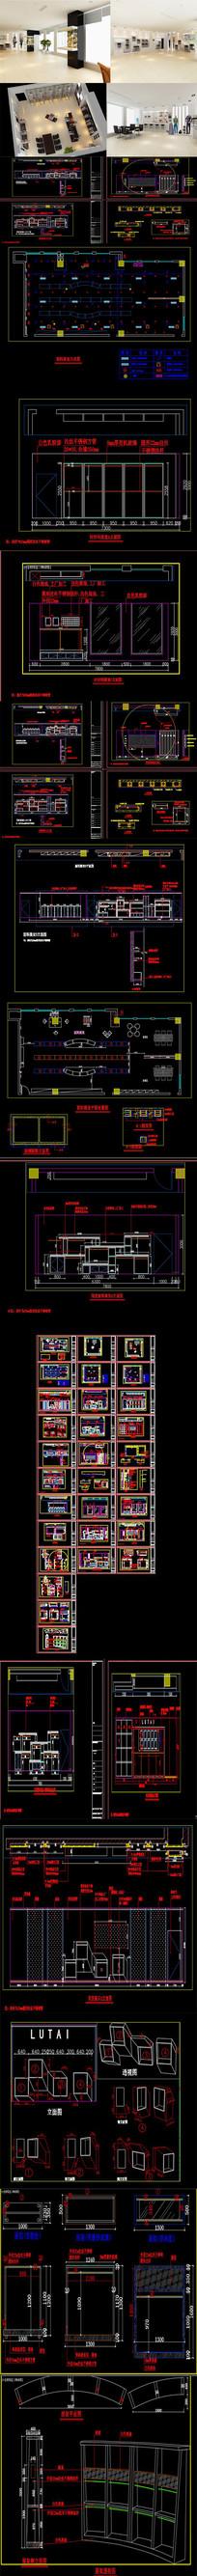 纺织品展厅CAD施工图 效果图